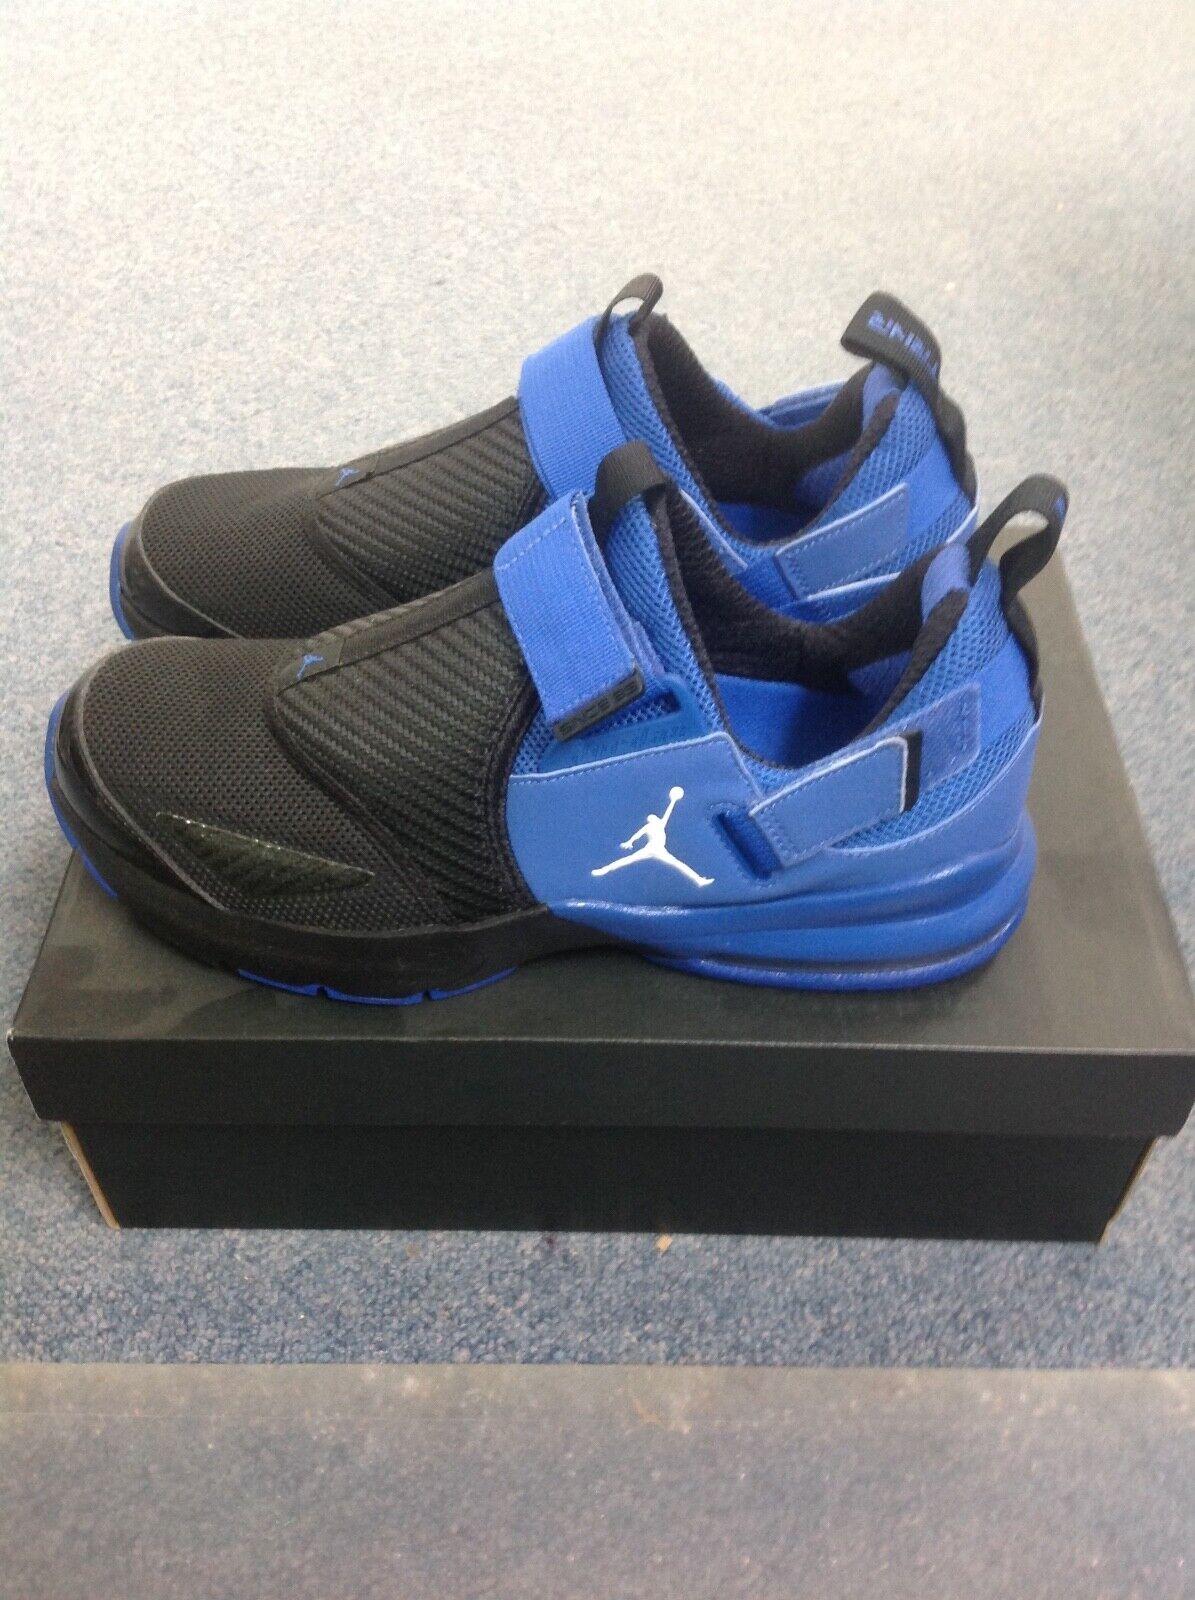 Jordanien 11 lx storlek 9.5 blå ny ny ny autentisk tspringaaaner Nike air  spara på clearance